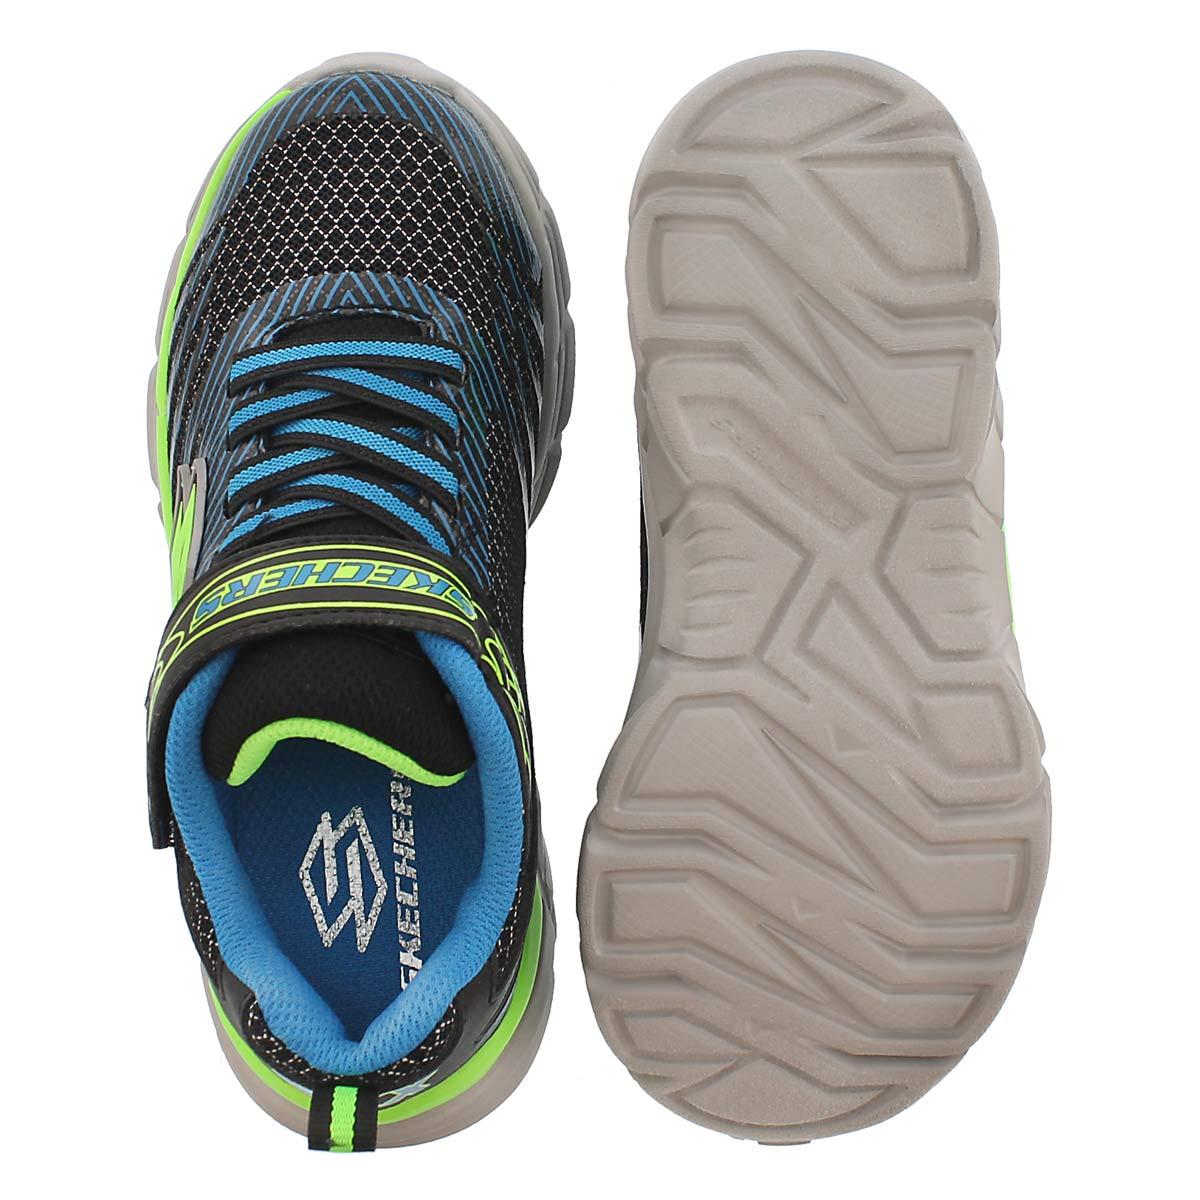 Bys Rive blk/blu slip on sneaker